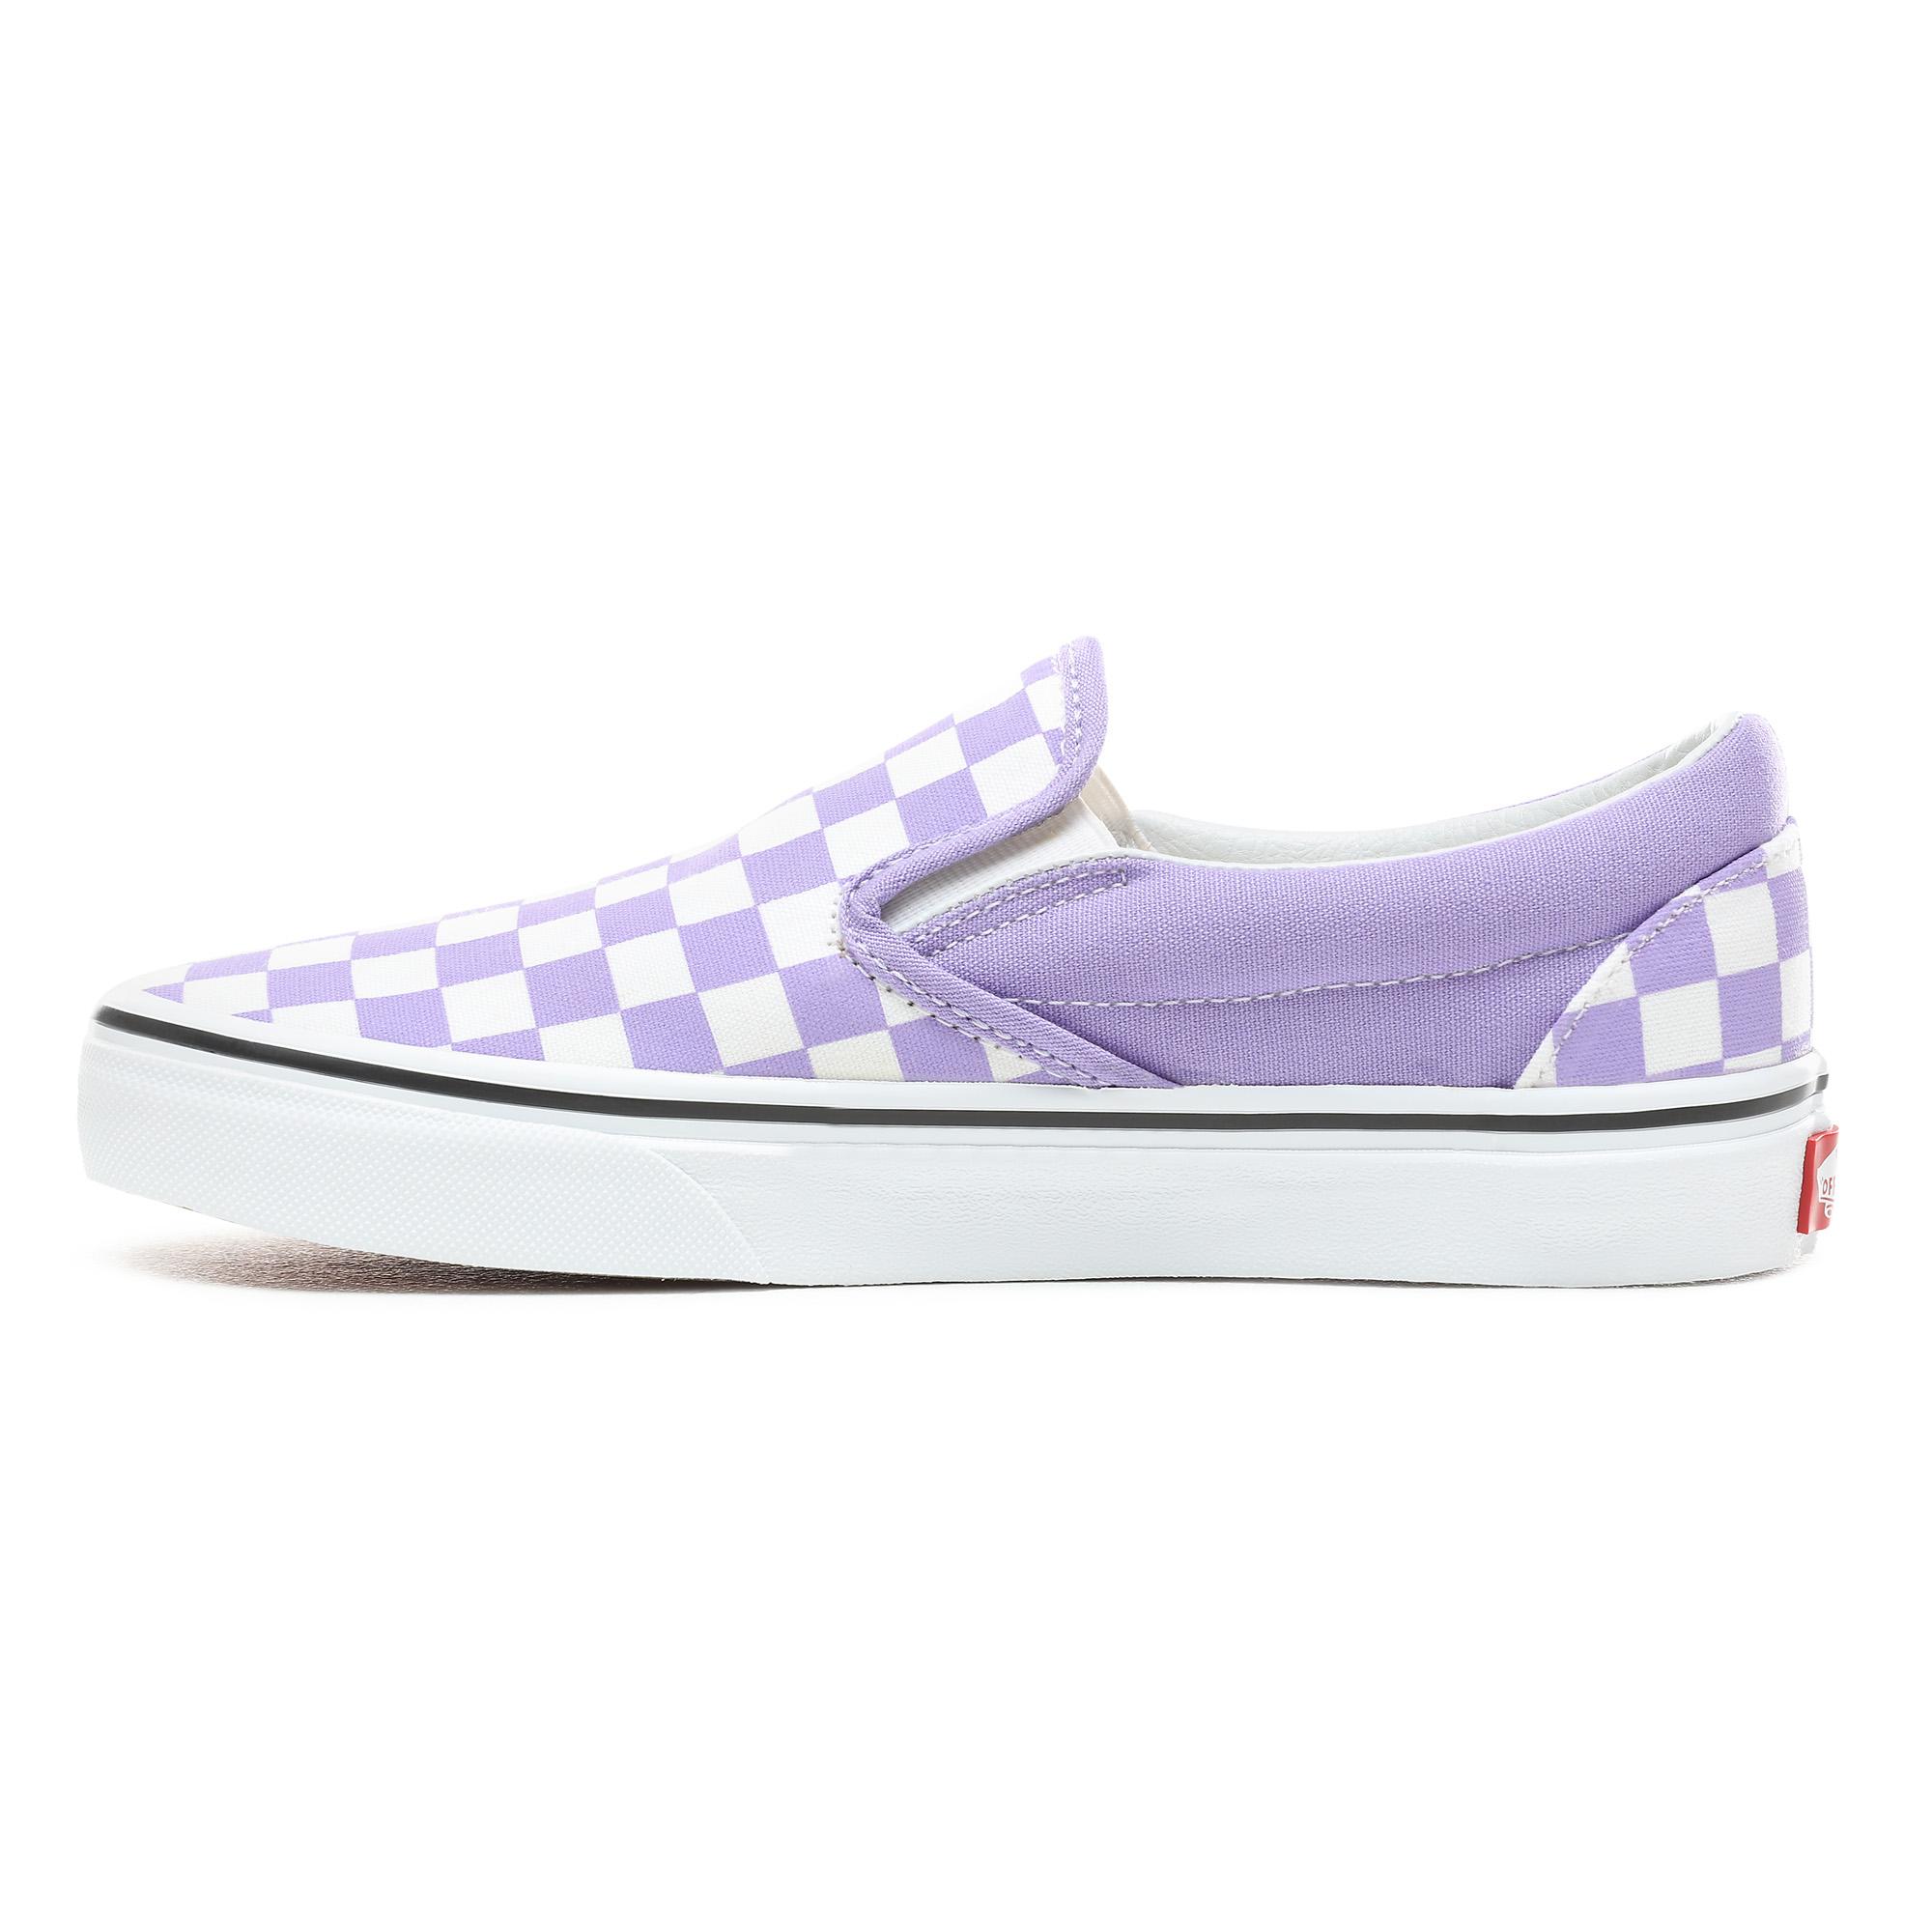 Фото 3 - Кеды Classic Slip-On фиолетового цвета